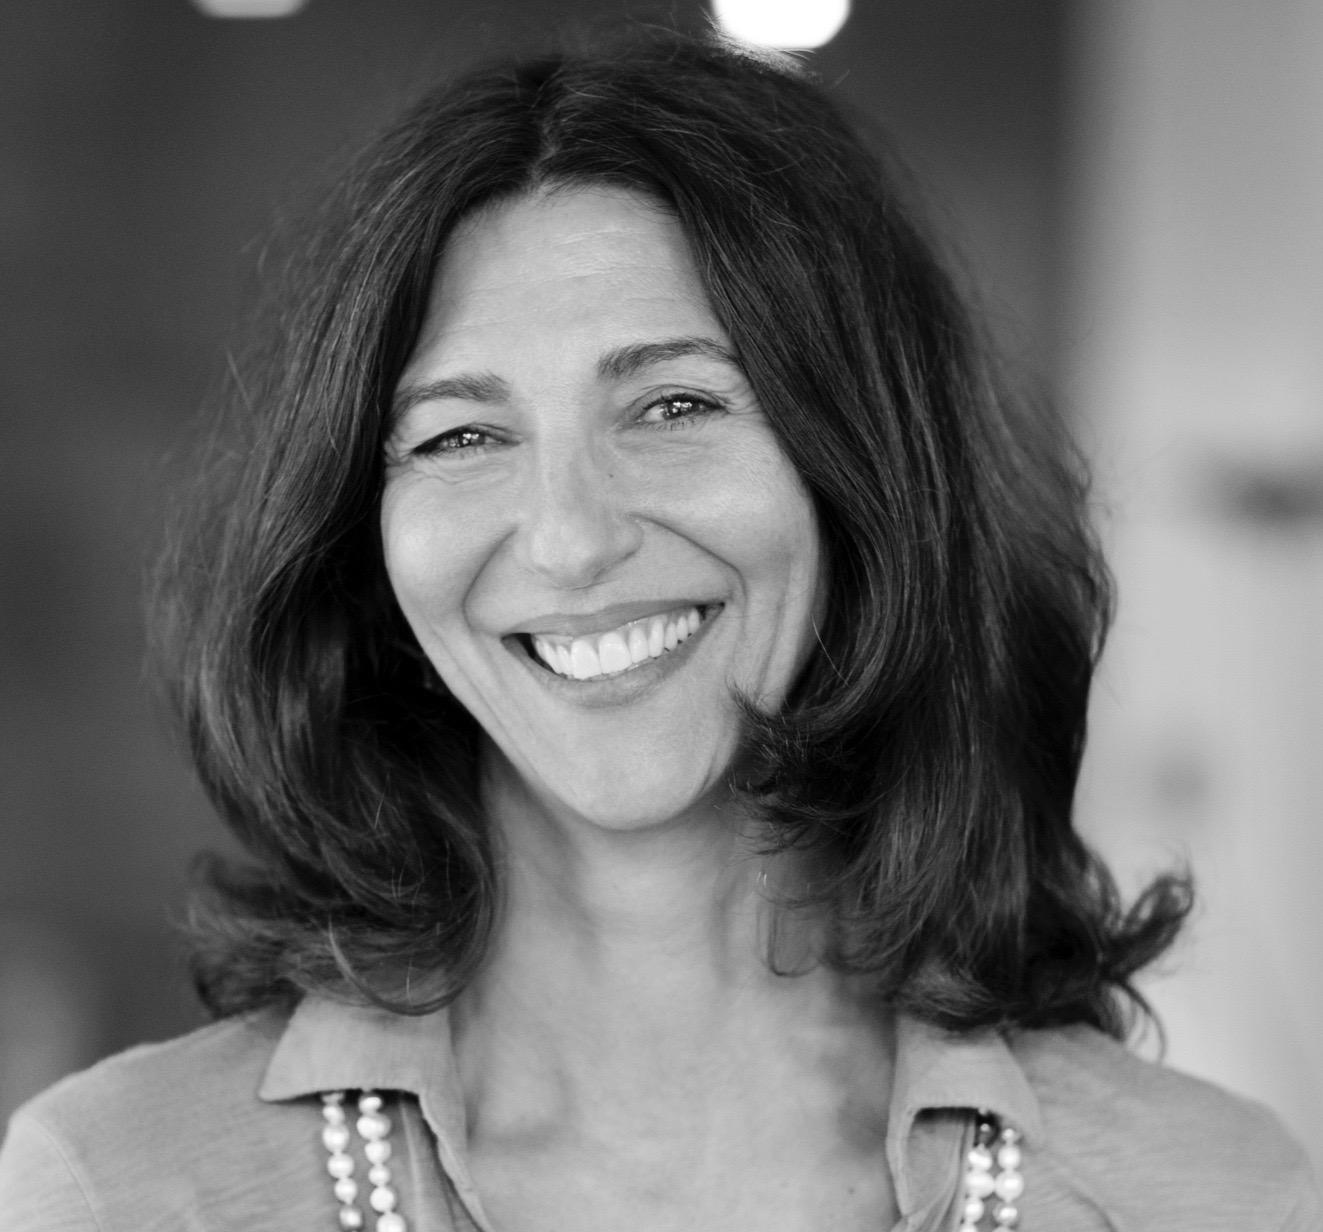 Amalia Zepou